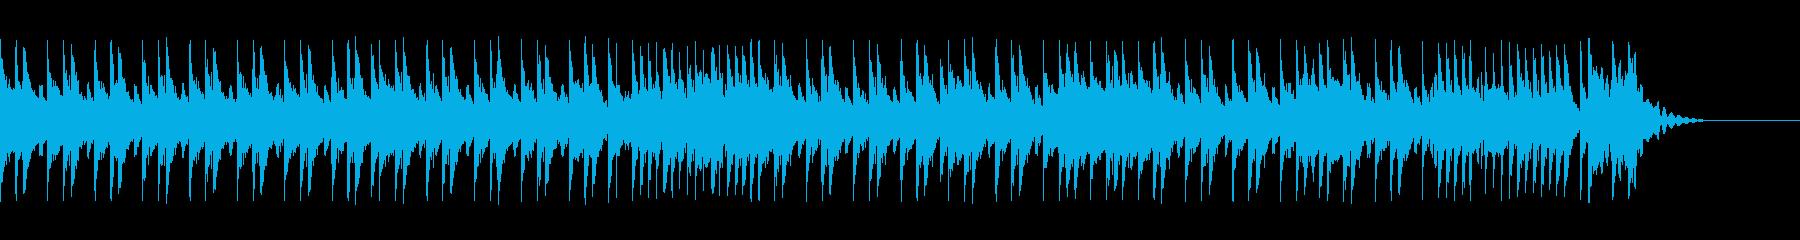 30秒のヘヴィなハードロック系シャッフルの再生済みの波形